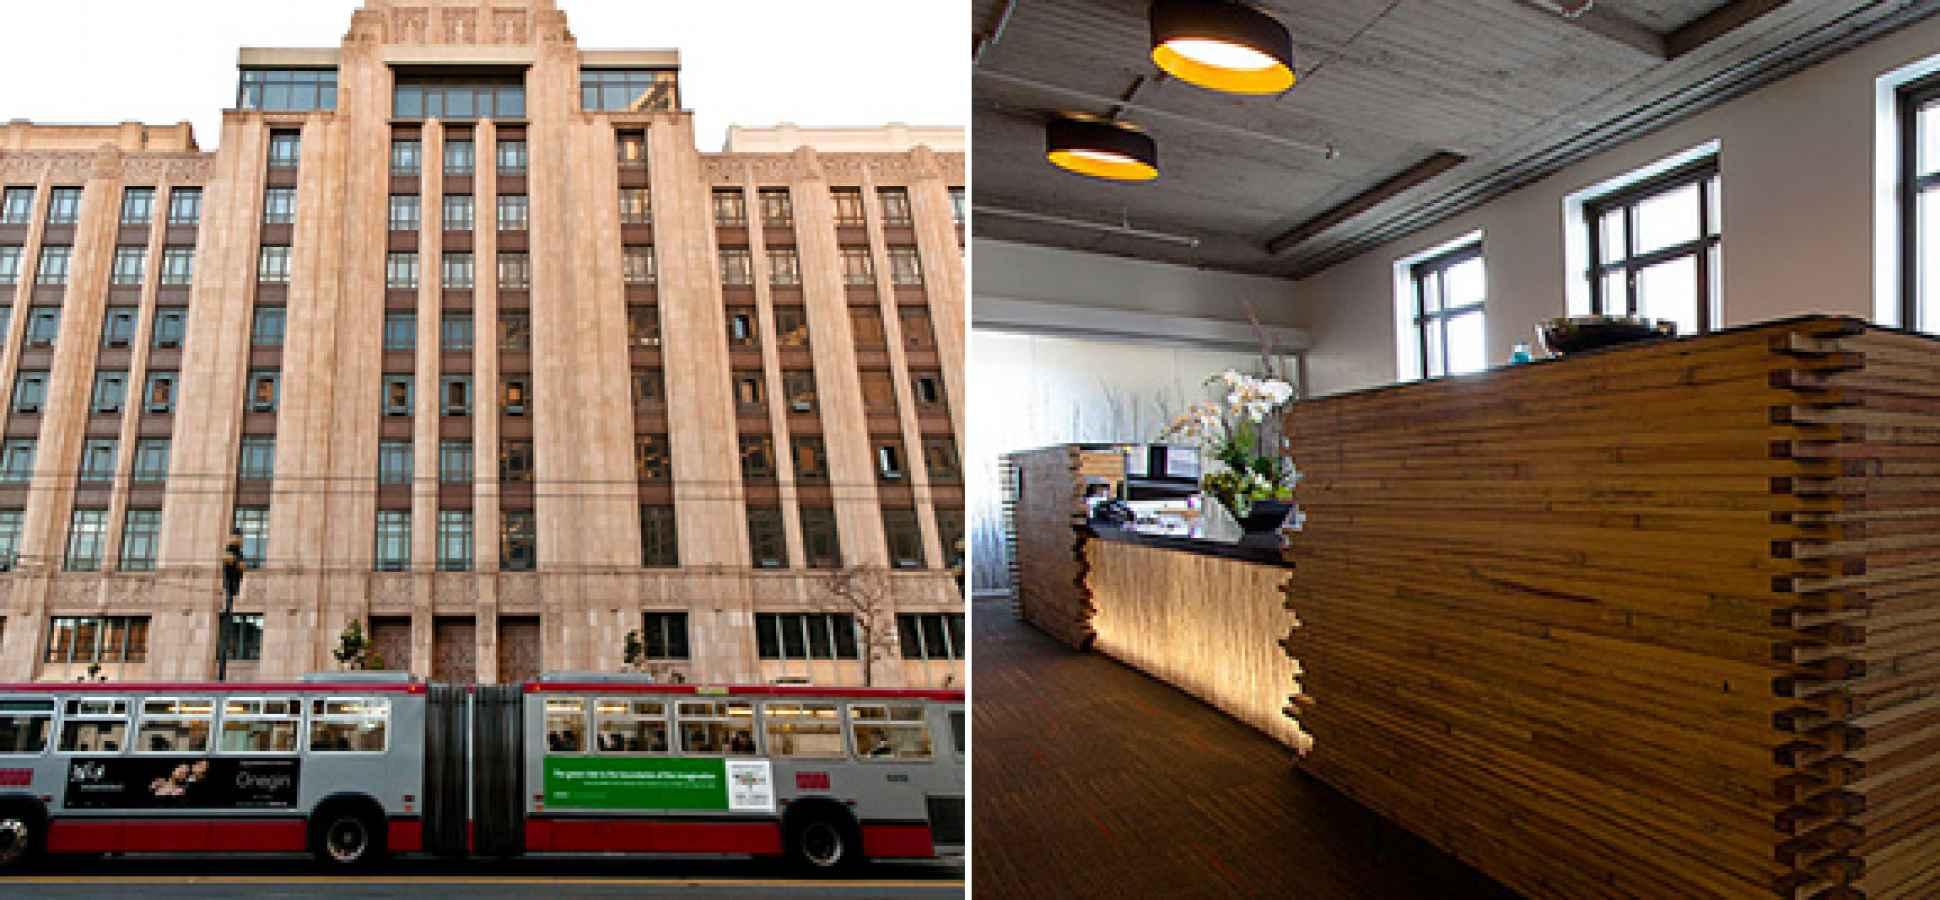 twitter office in san francisco. Twitter Office In San Francisco. Francisco